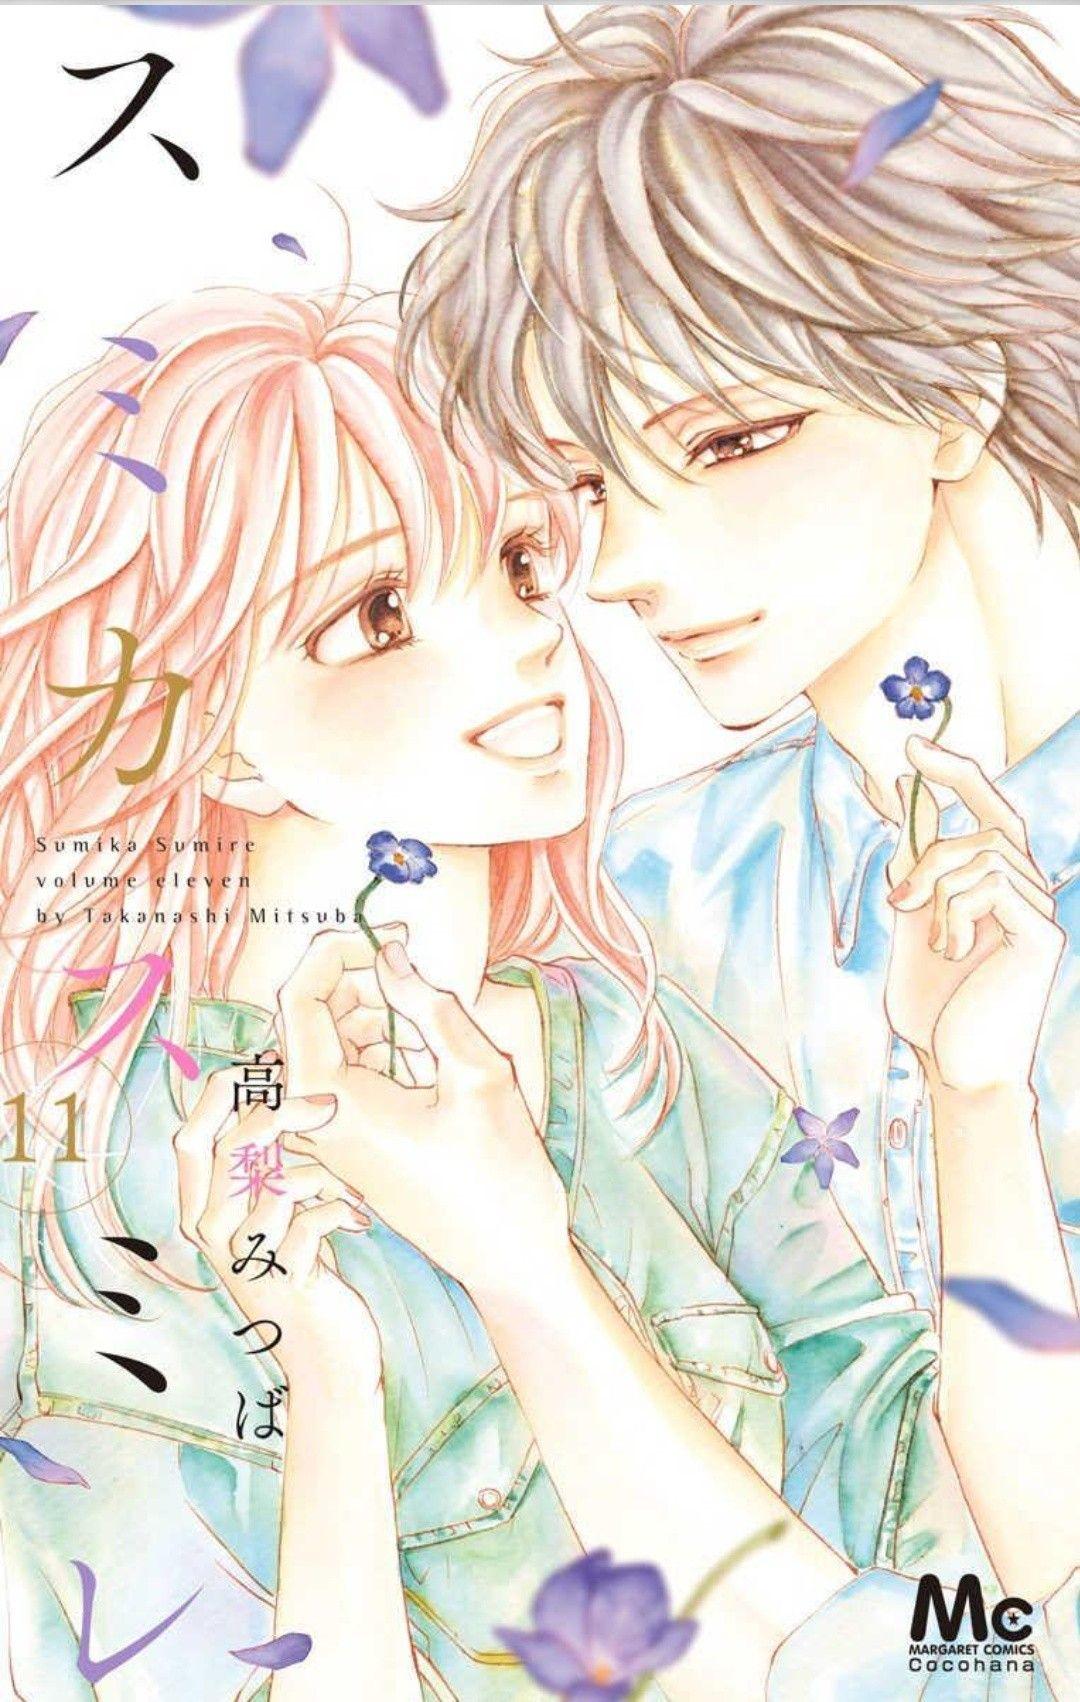 Sumika Sumire 澄和薰 スミカスミレ By Takanashi Mitsuba 高梨三叶 Manga Art Manga Anime